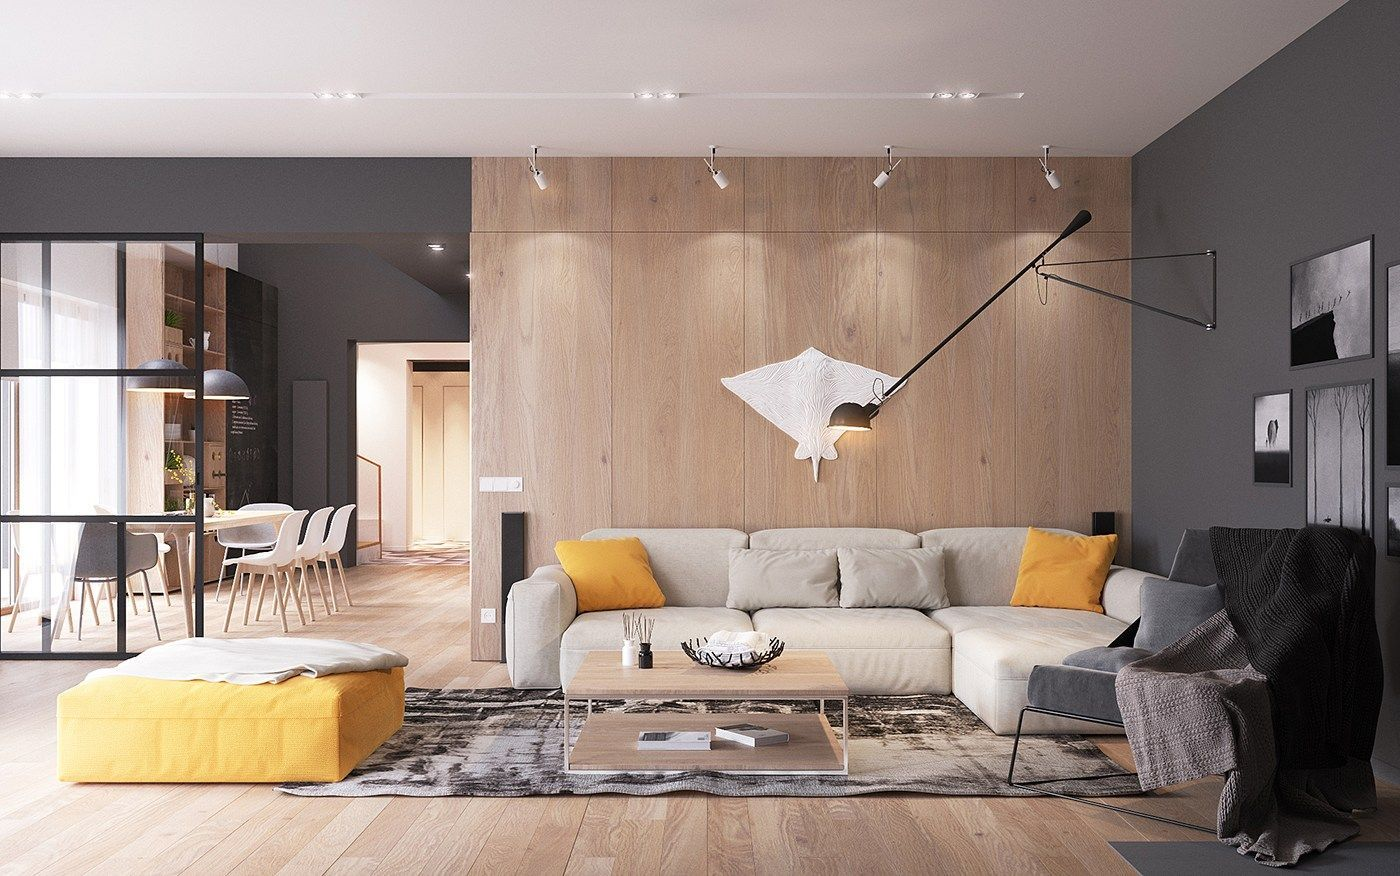 Idea soggiorno scandinavo moderno con accenti di colore giallo in un ...